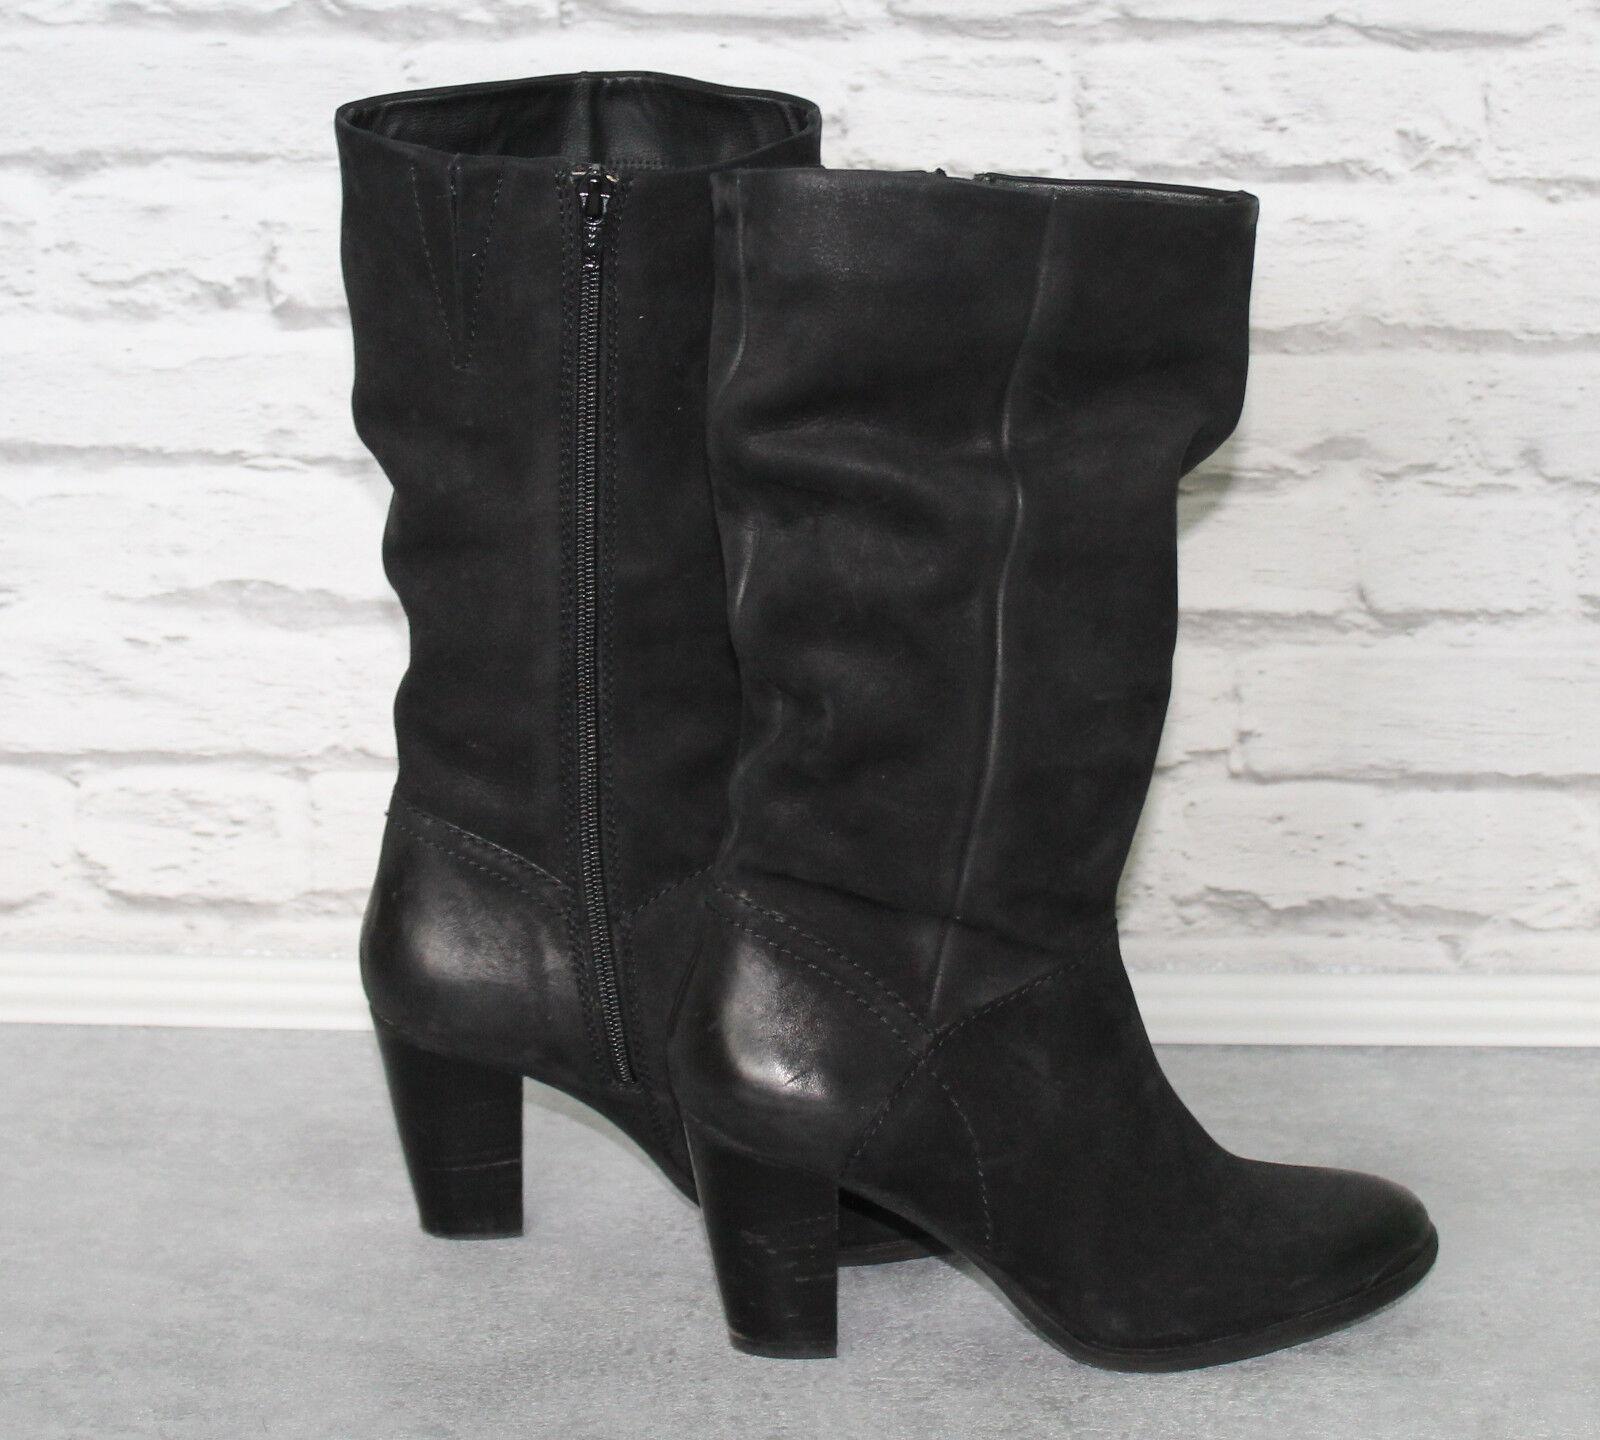 SPM Damen Stiefelette schwarz Gr. 36 37 38 Leder Neuwertig